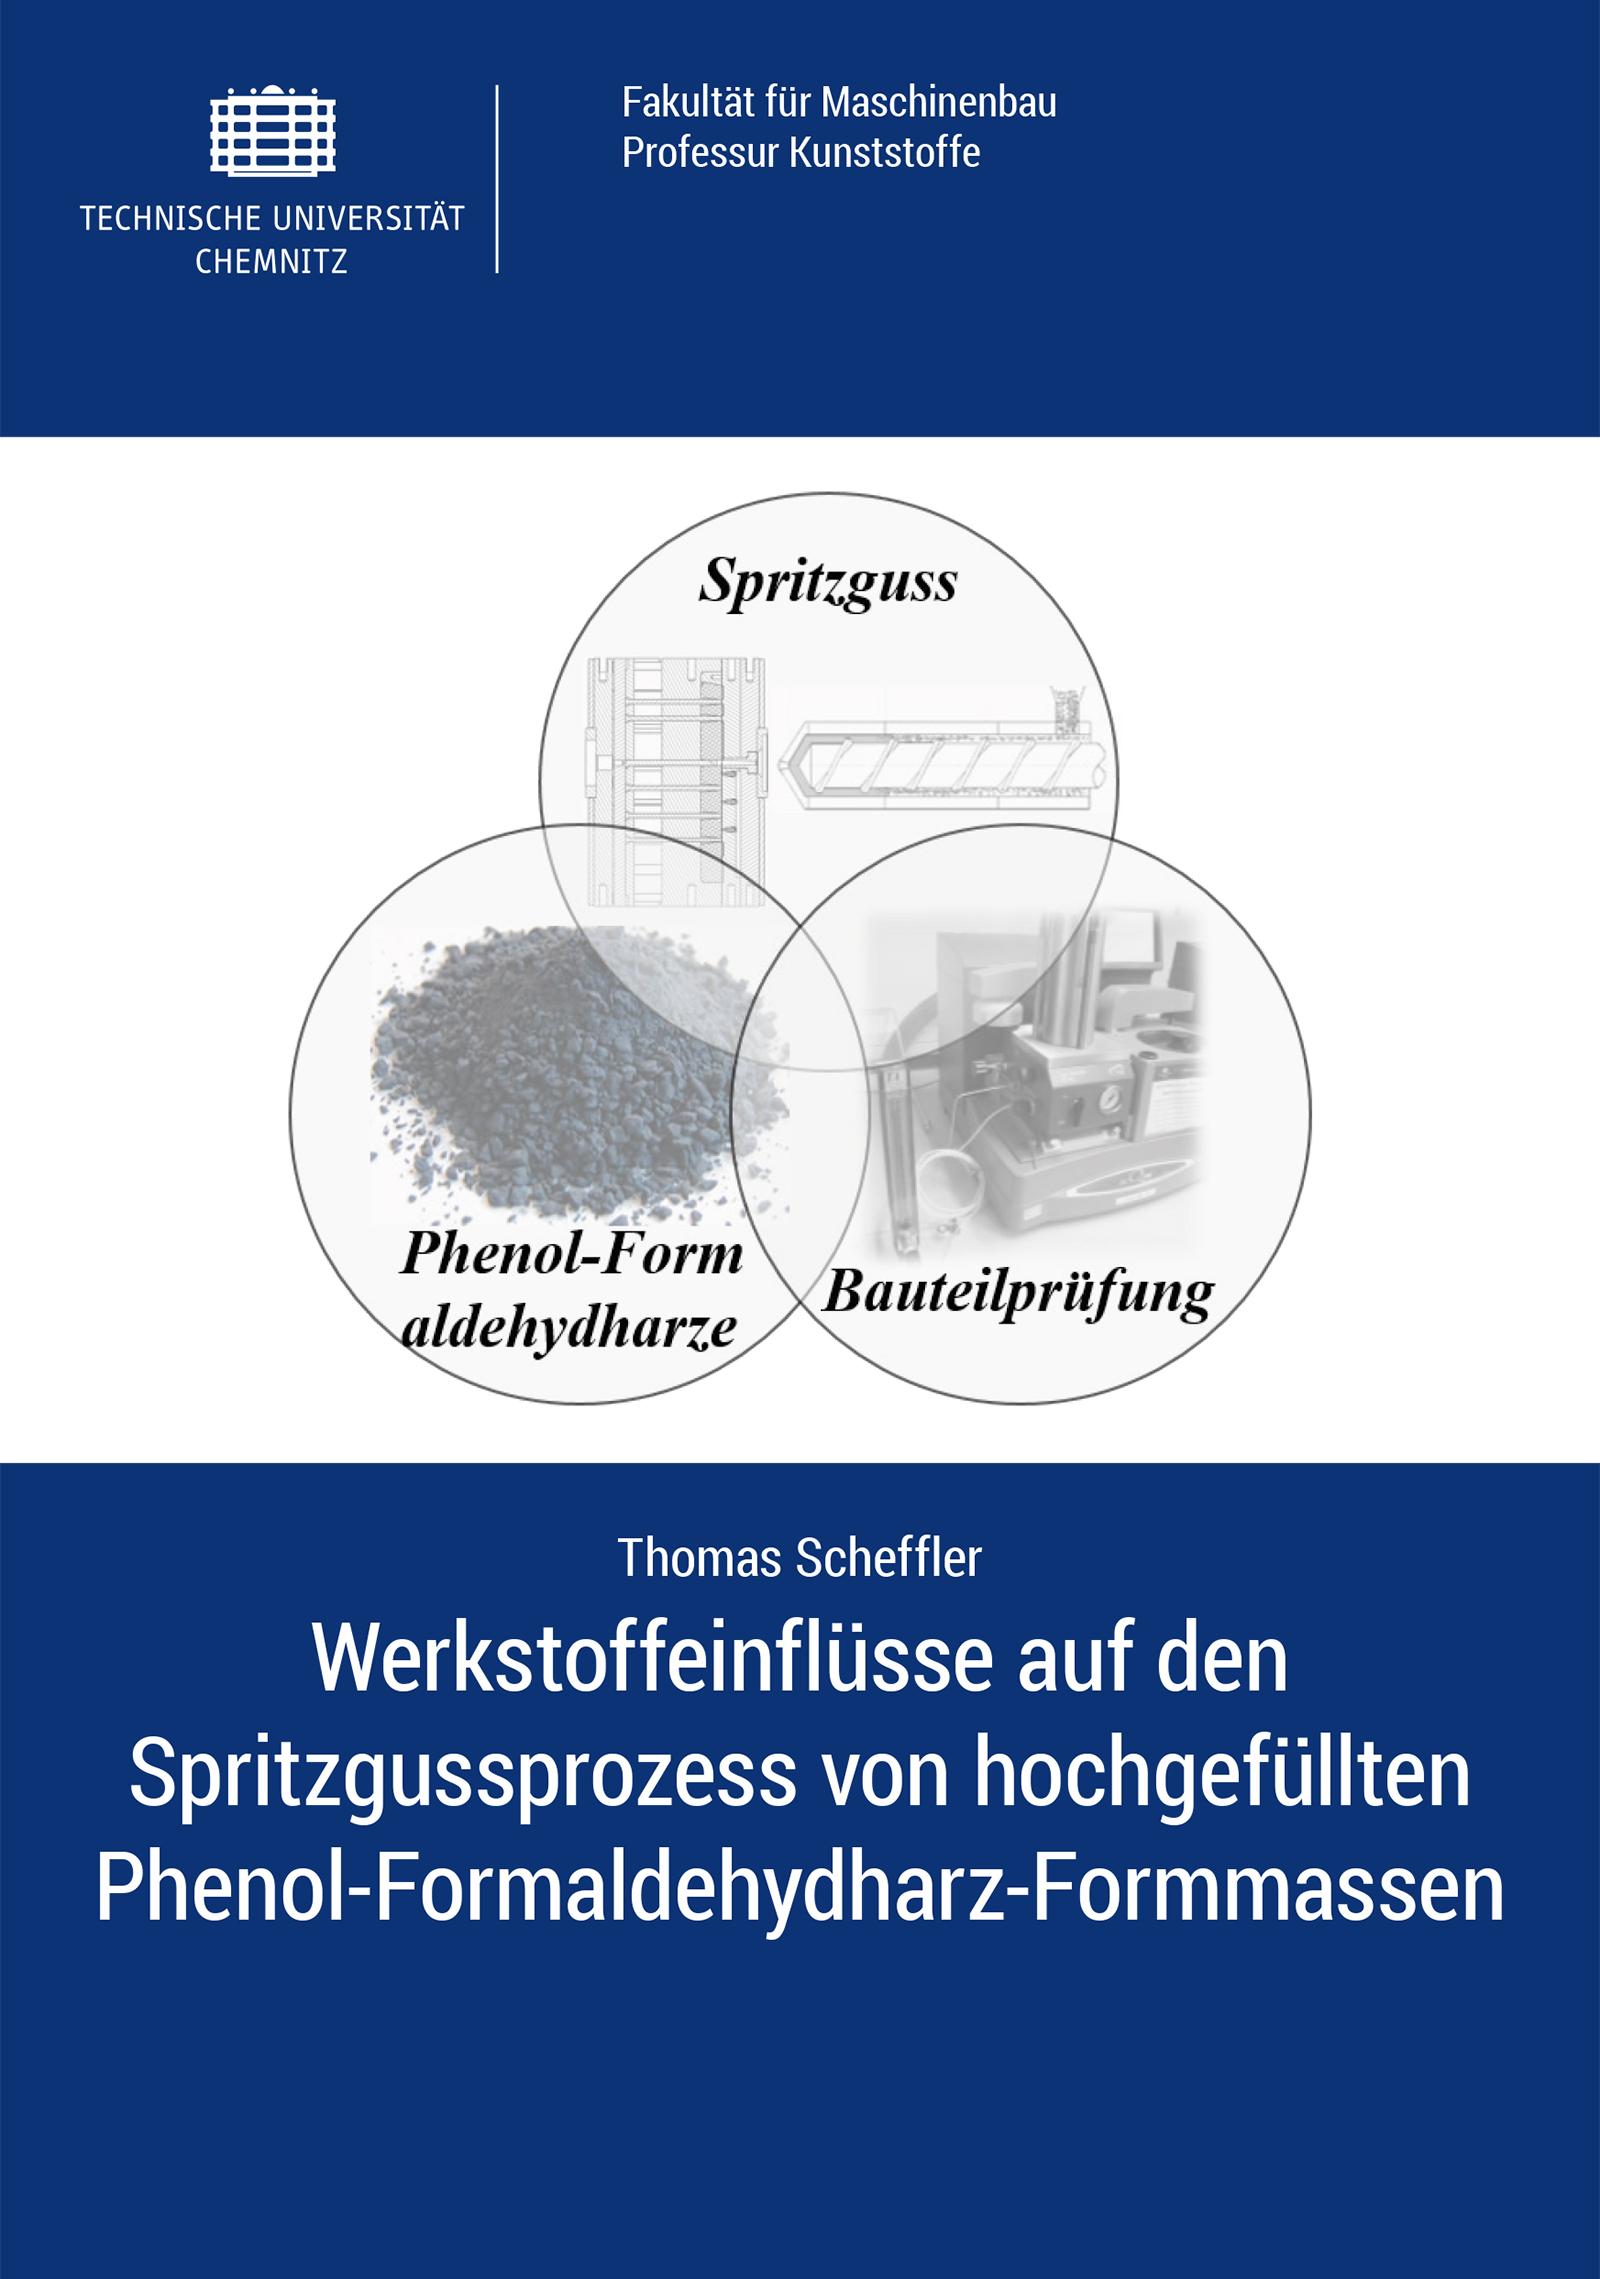 Cover: Werkstoffeinflüsse auf den Spritzgussprozess von hochgefüllten Phenol-Formaldehydharz-Formmassen